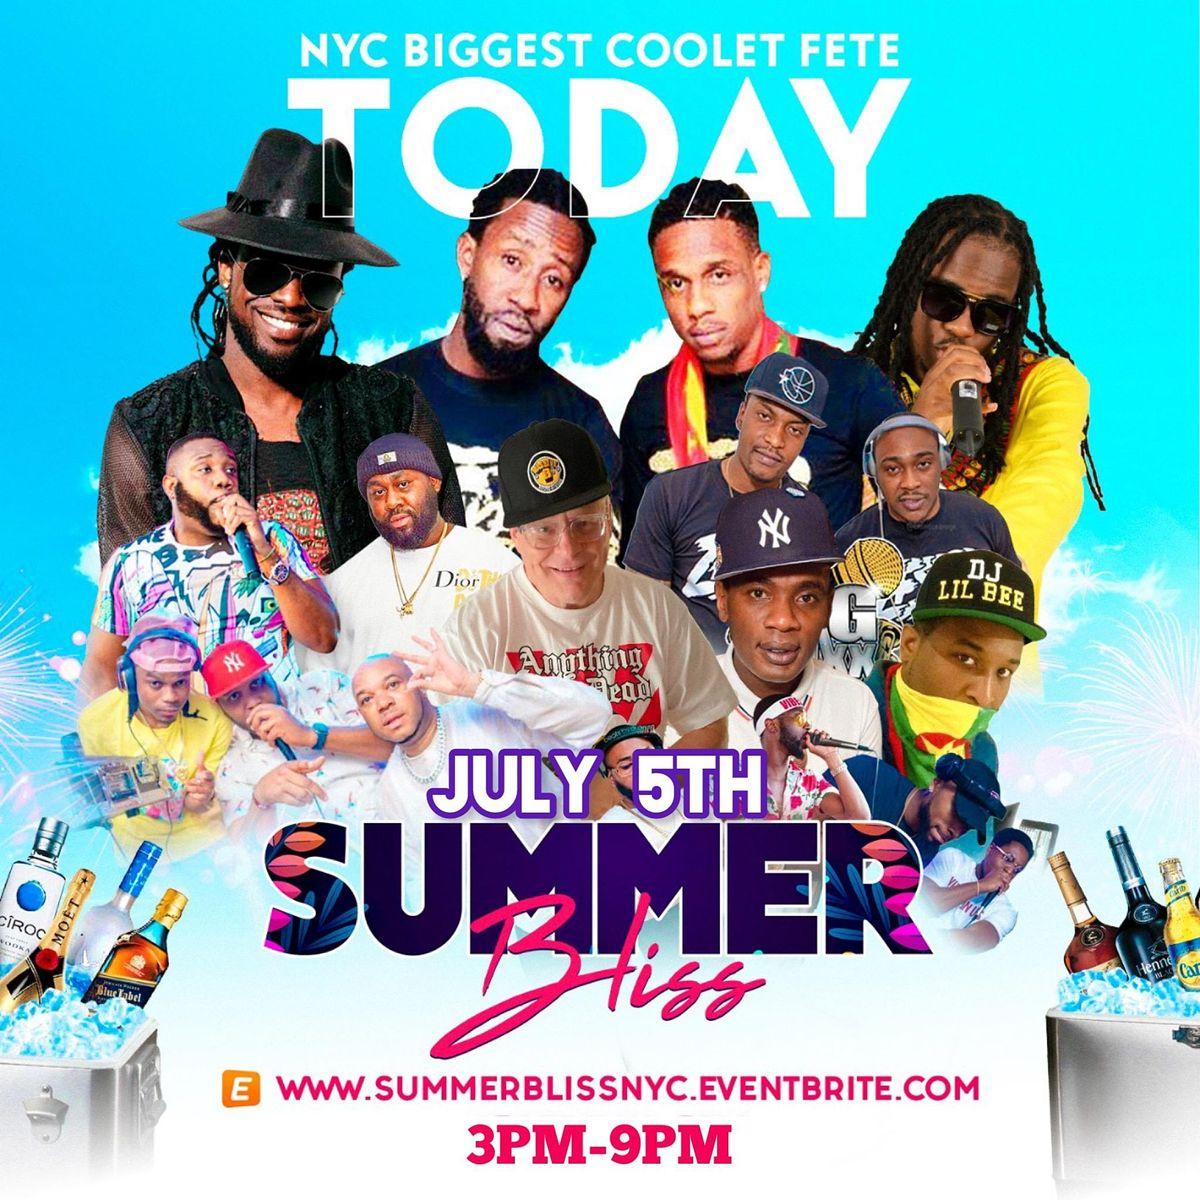 Summer Bliss - The Premium Summer Cooler Fete